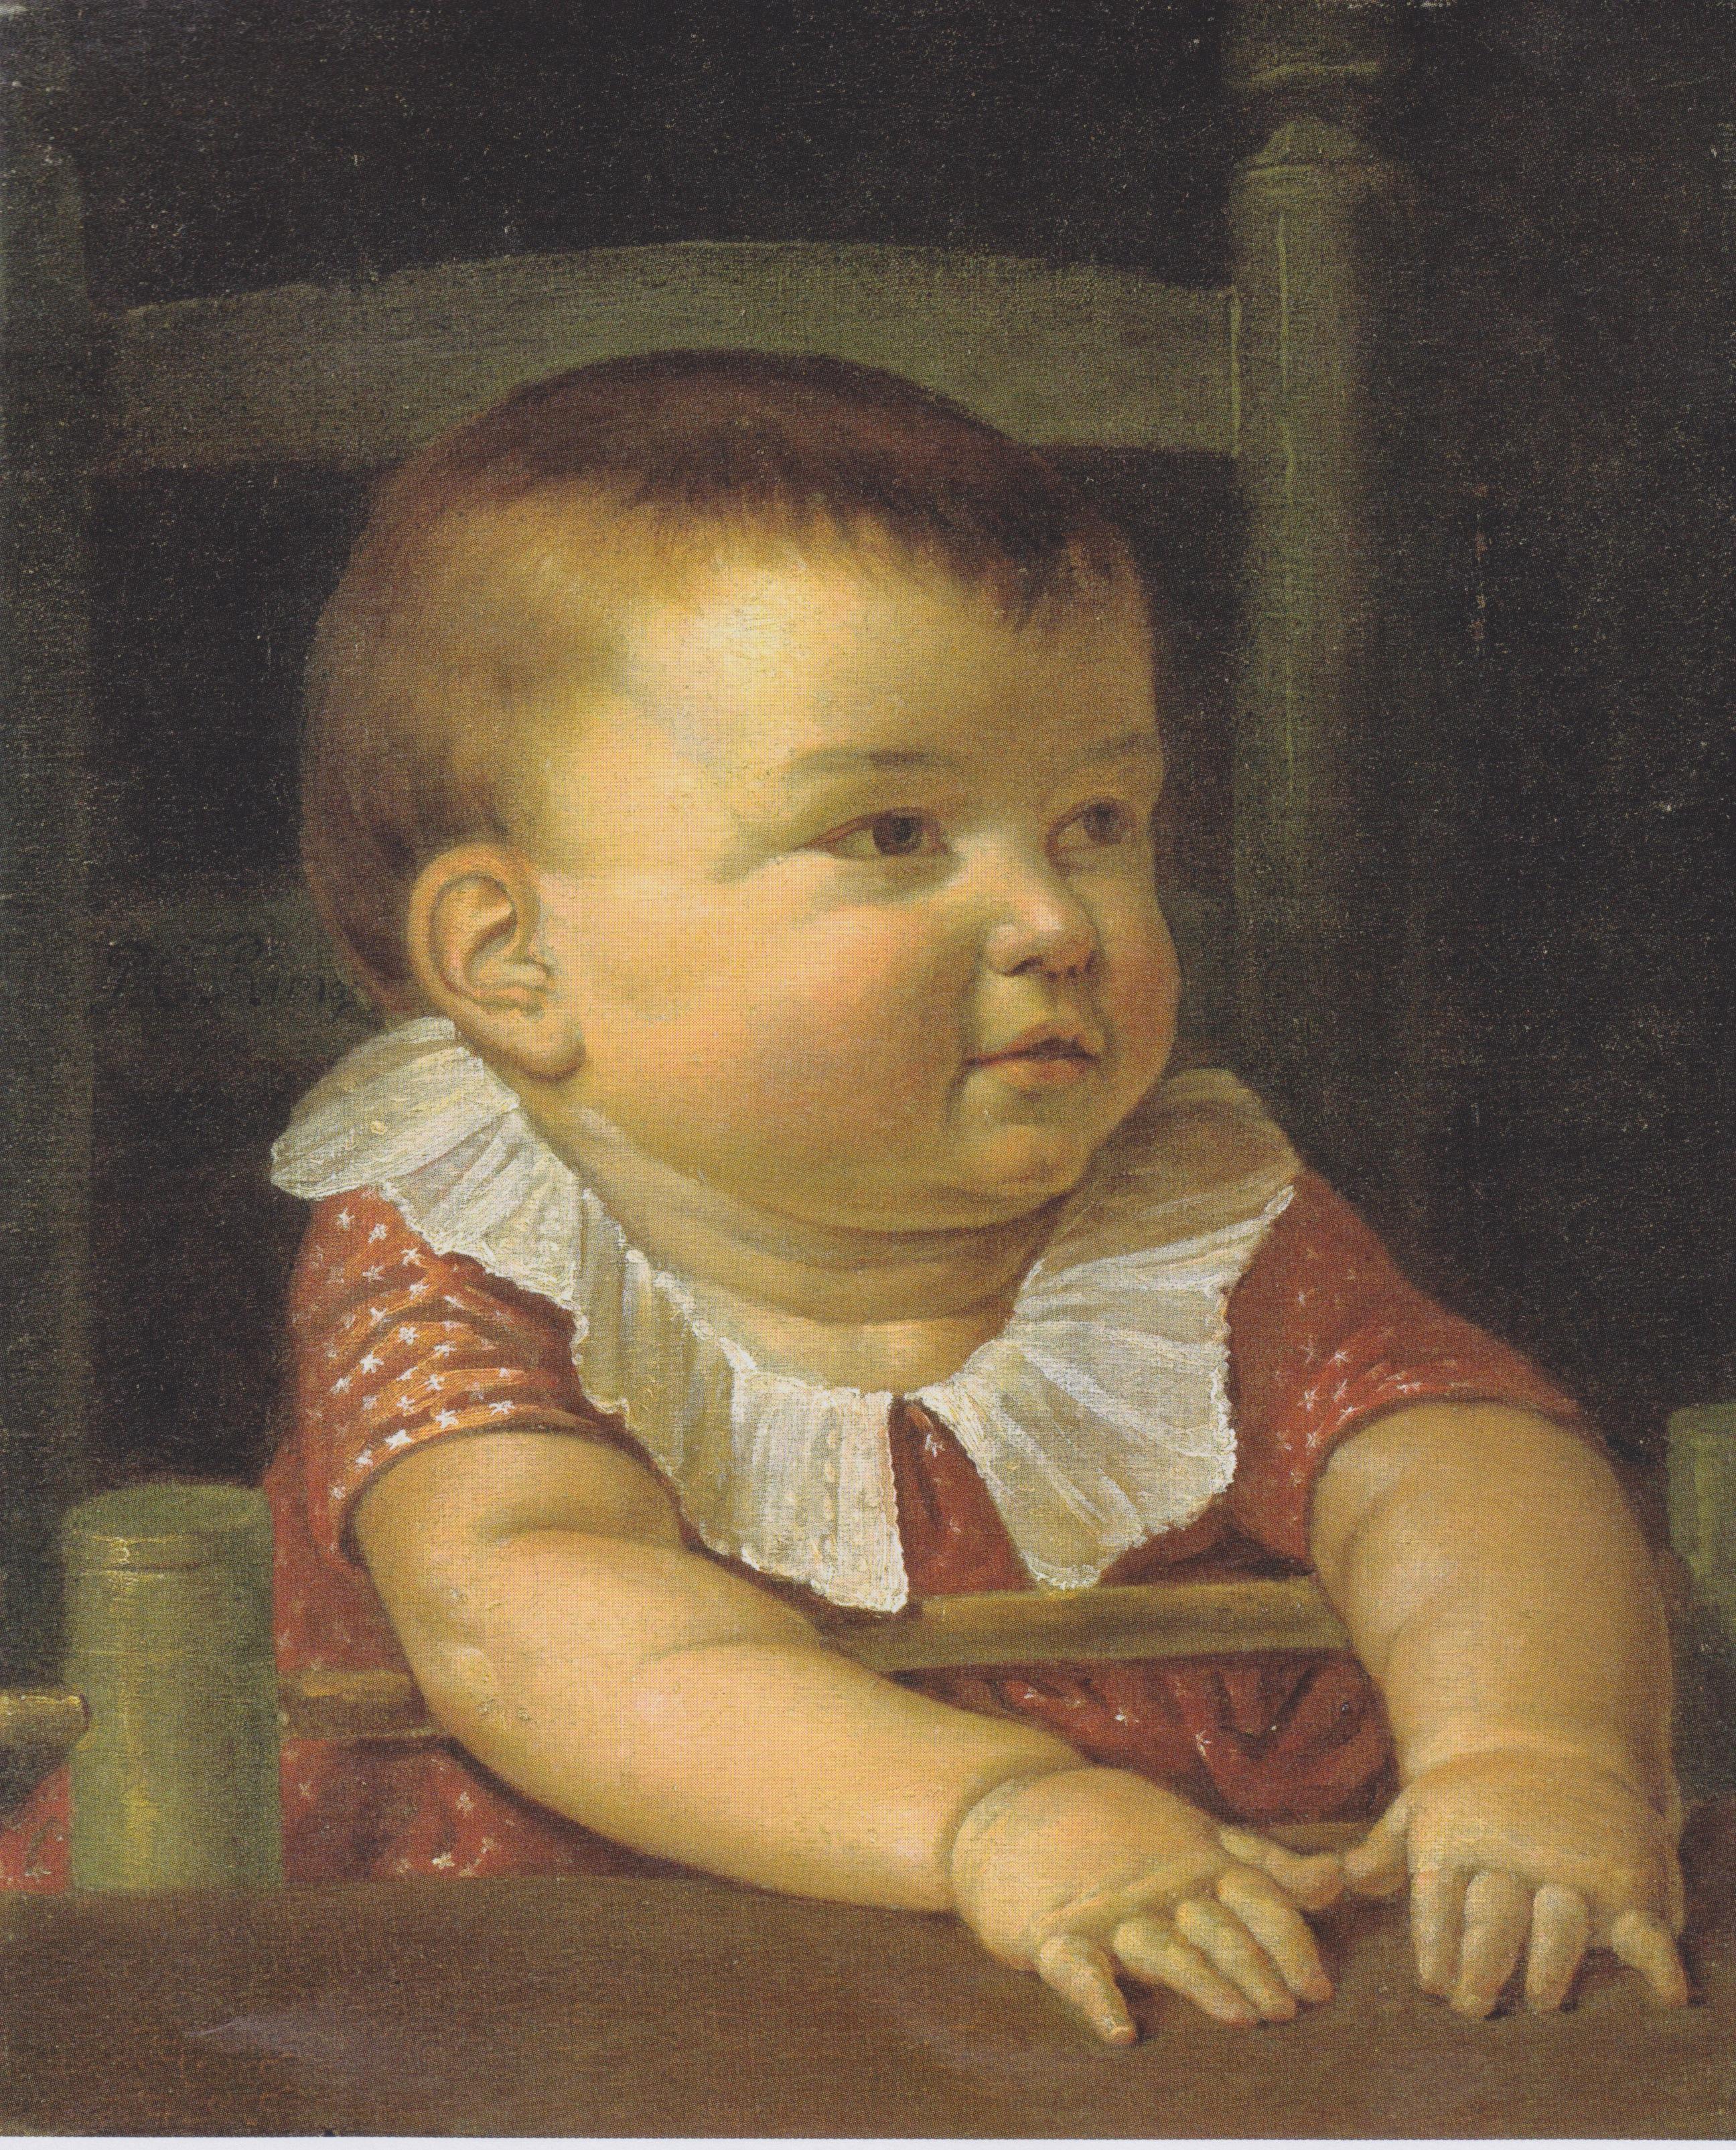 K Chen Dresden file phillip otto runge otto sigismund der sohn des künstlers 1805 jpeg wikimedia commons